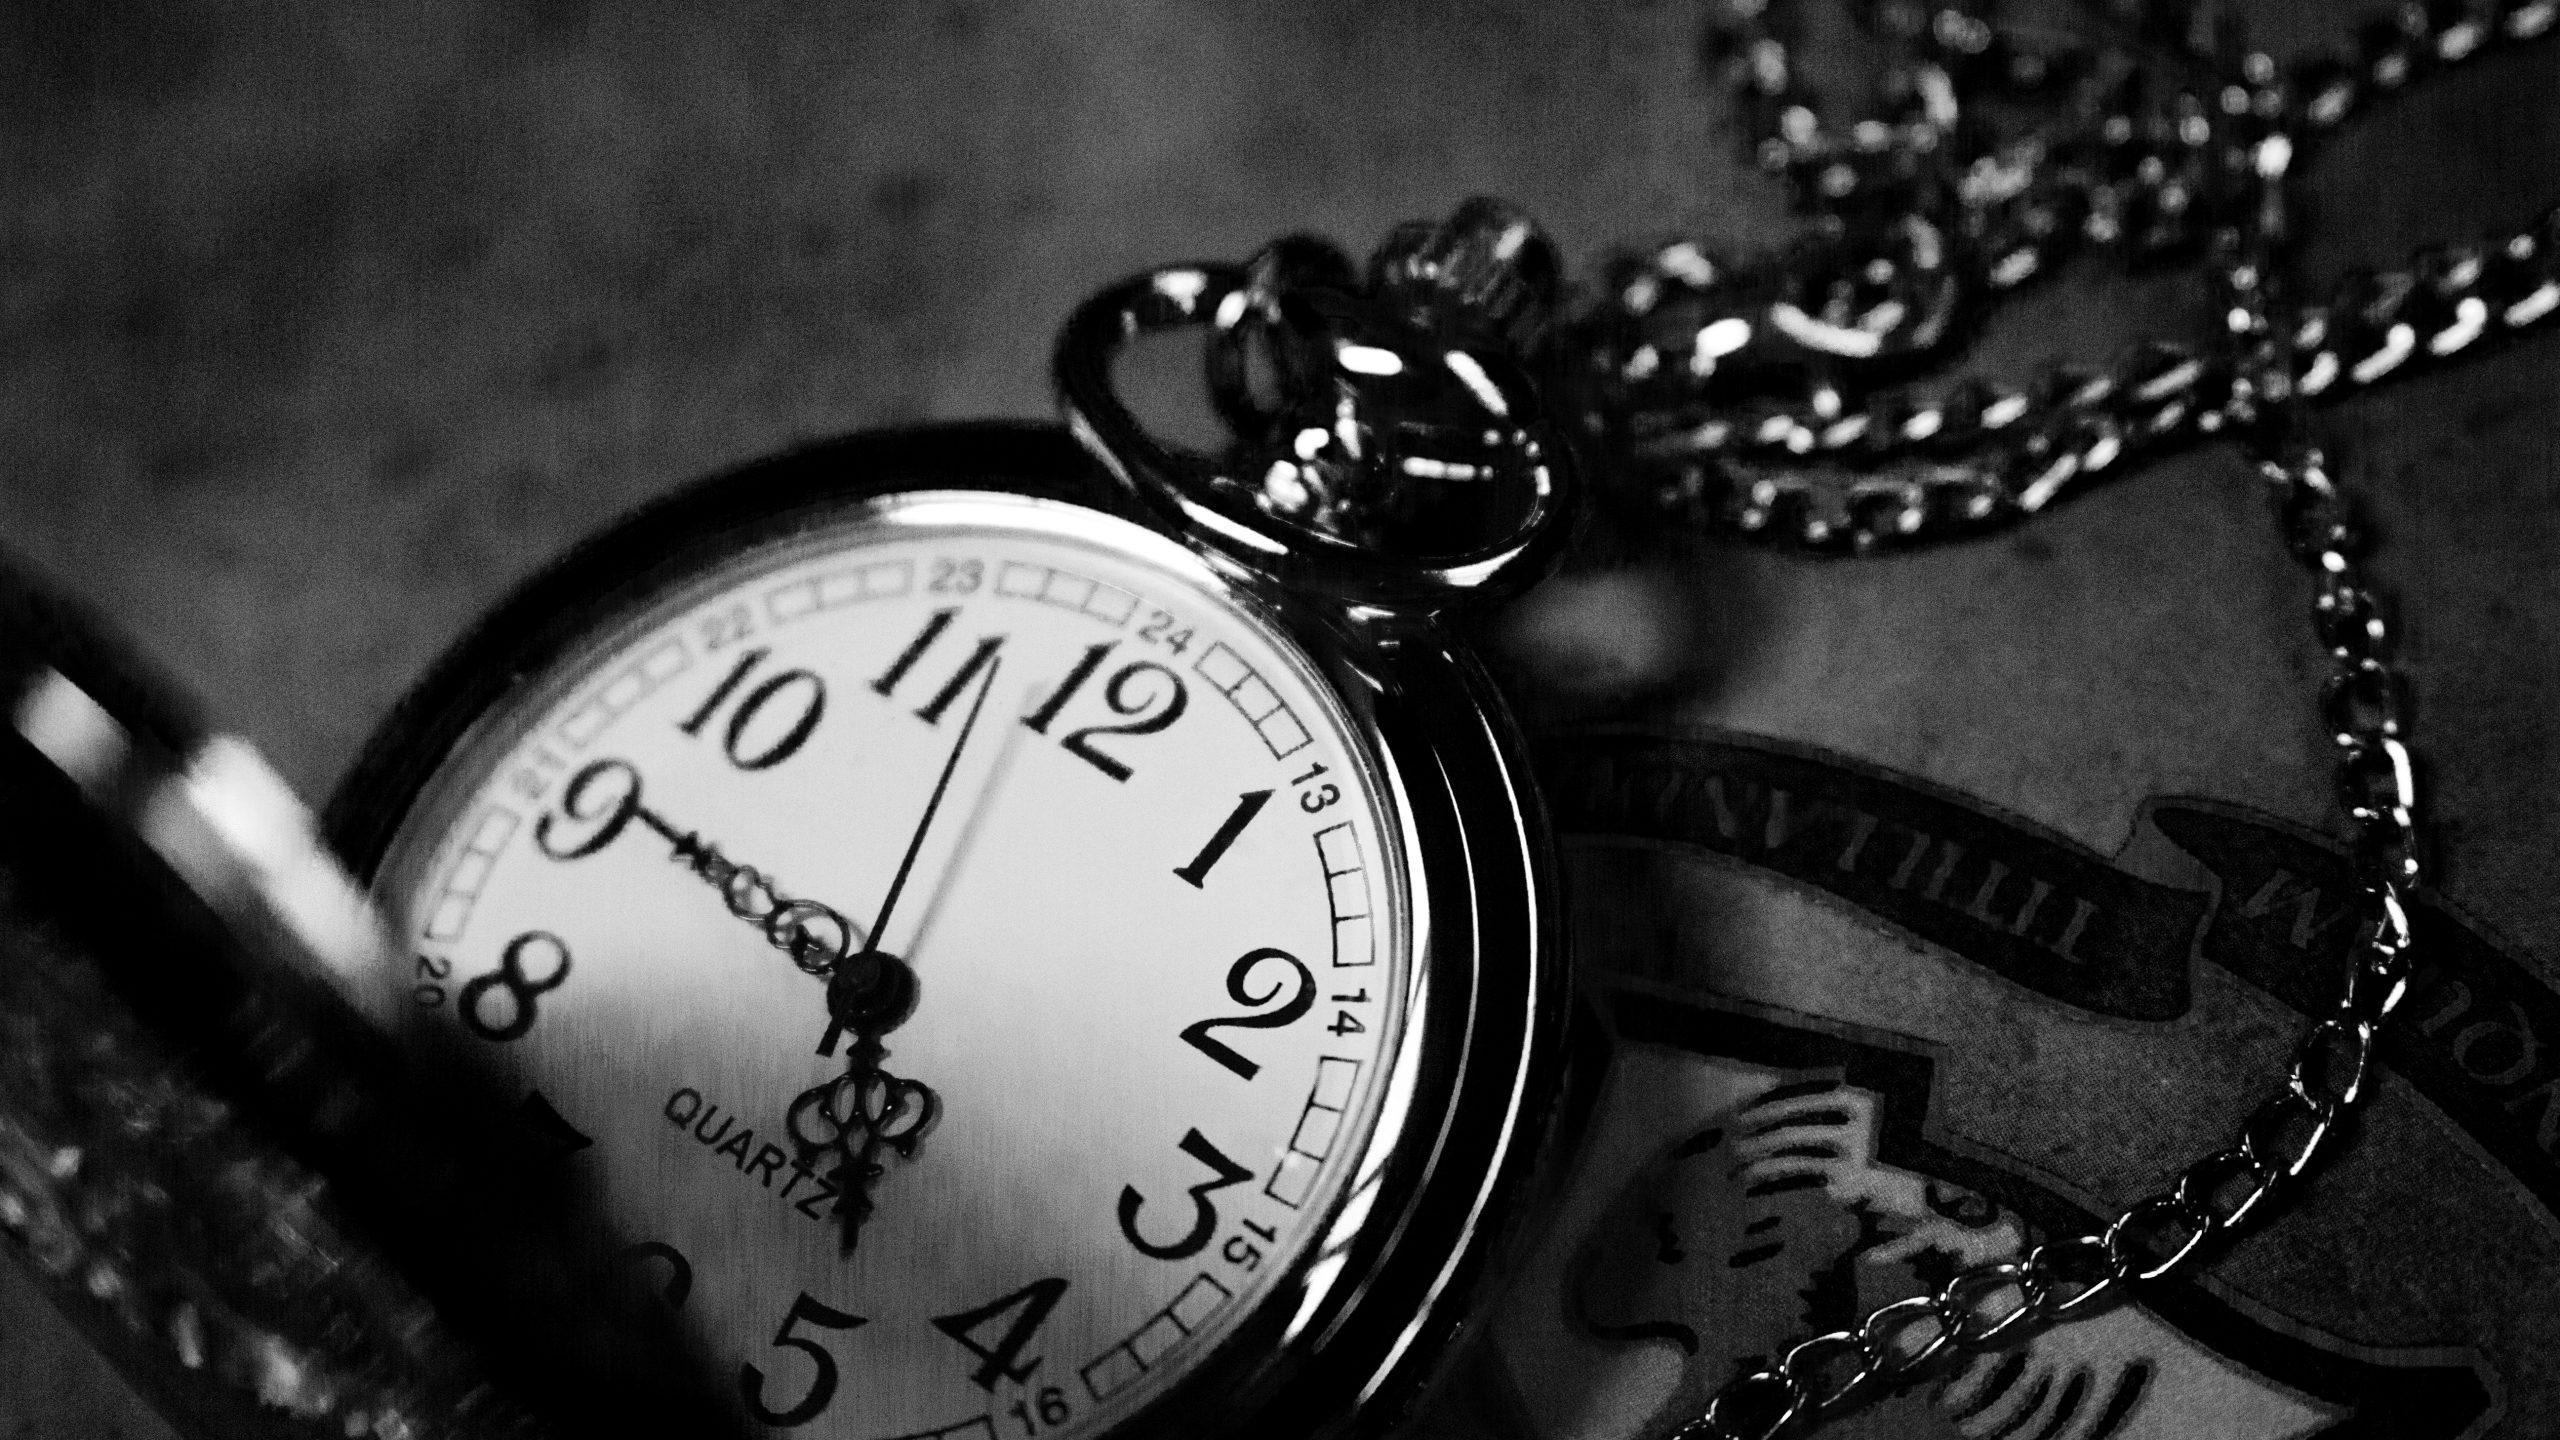 Relógio de bolso: Como escolher o melhor em 2020?